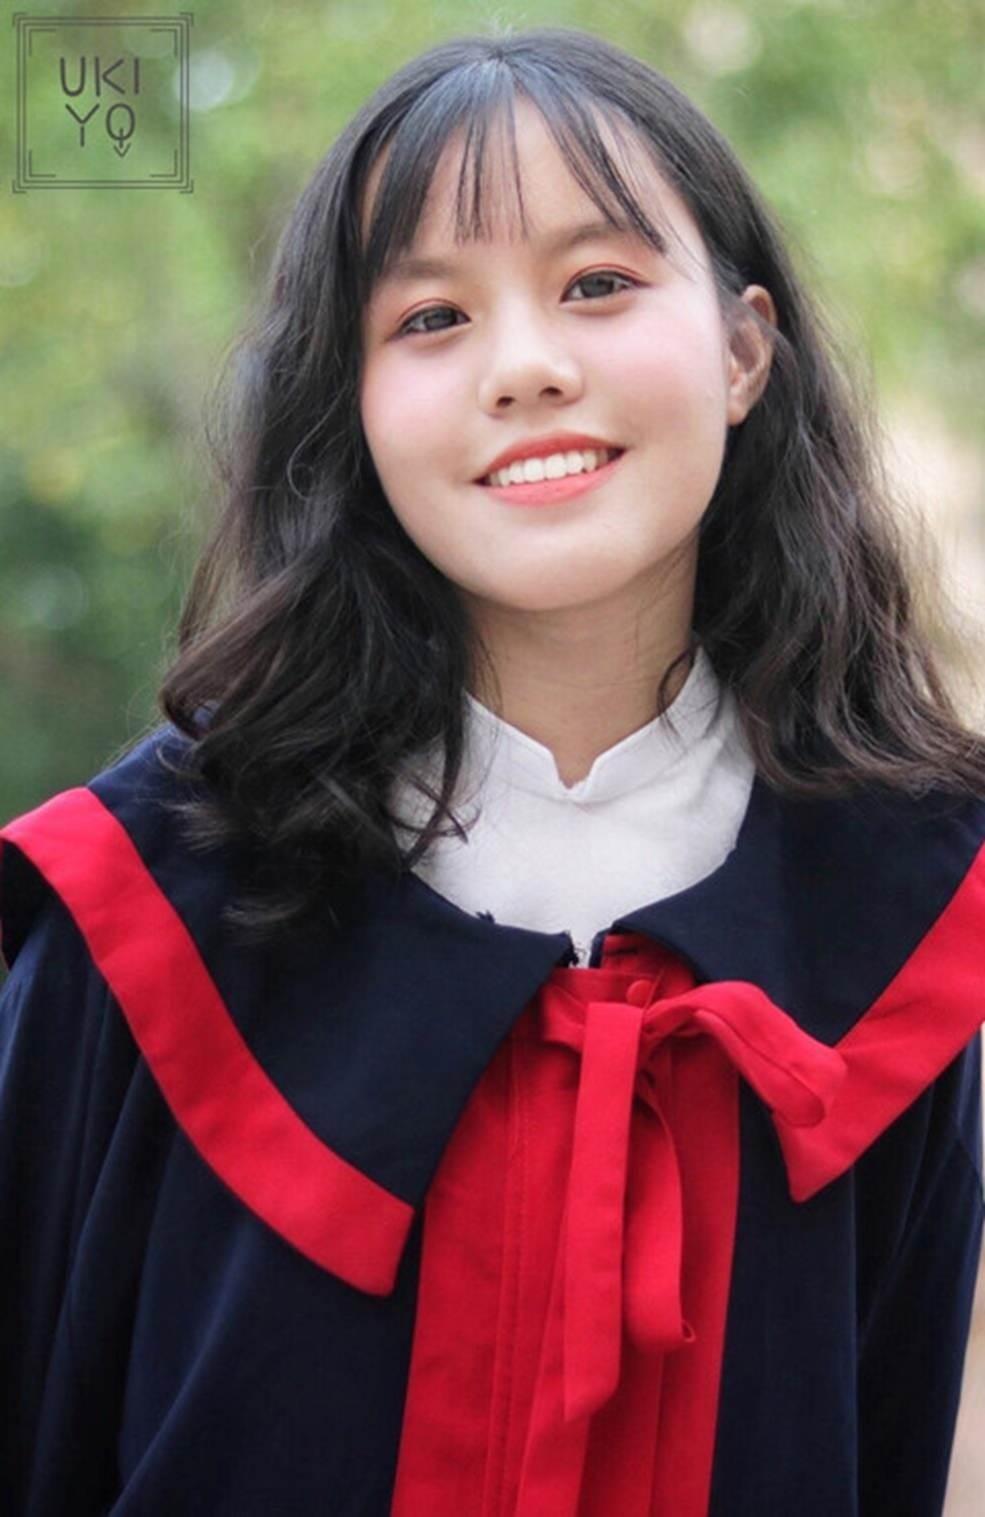 Nữ sinh chuyên Lào Cai nhận học bổng của 6 trường đại học Mỹ-2